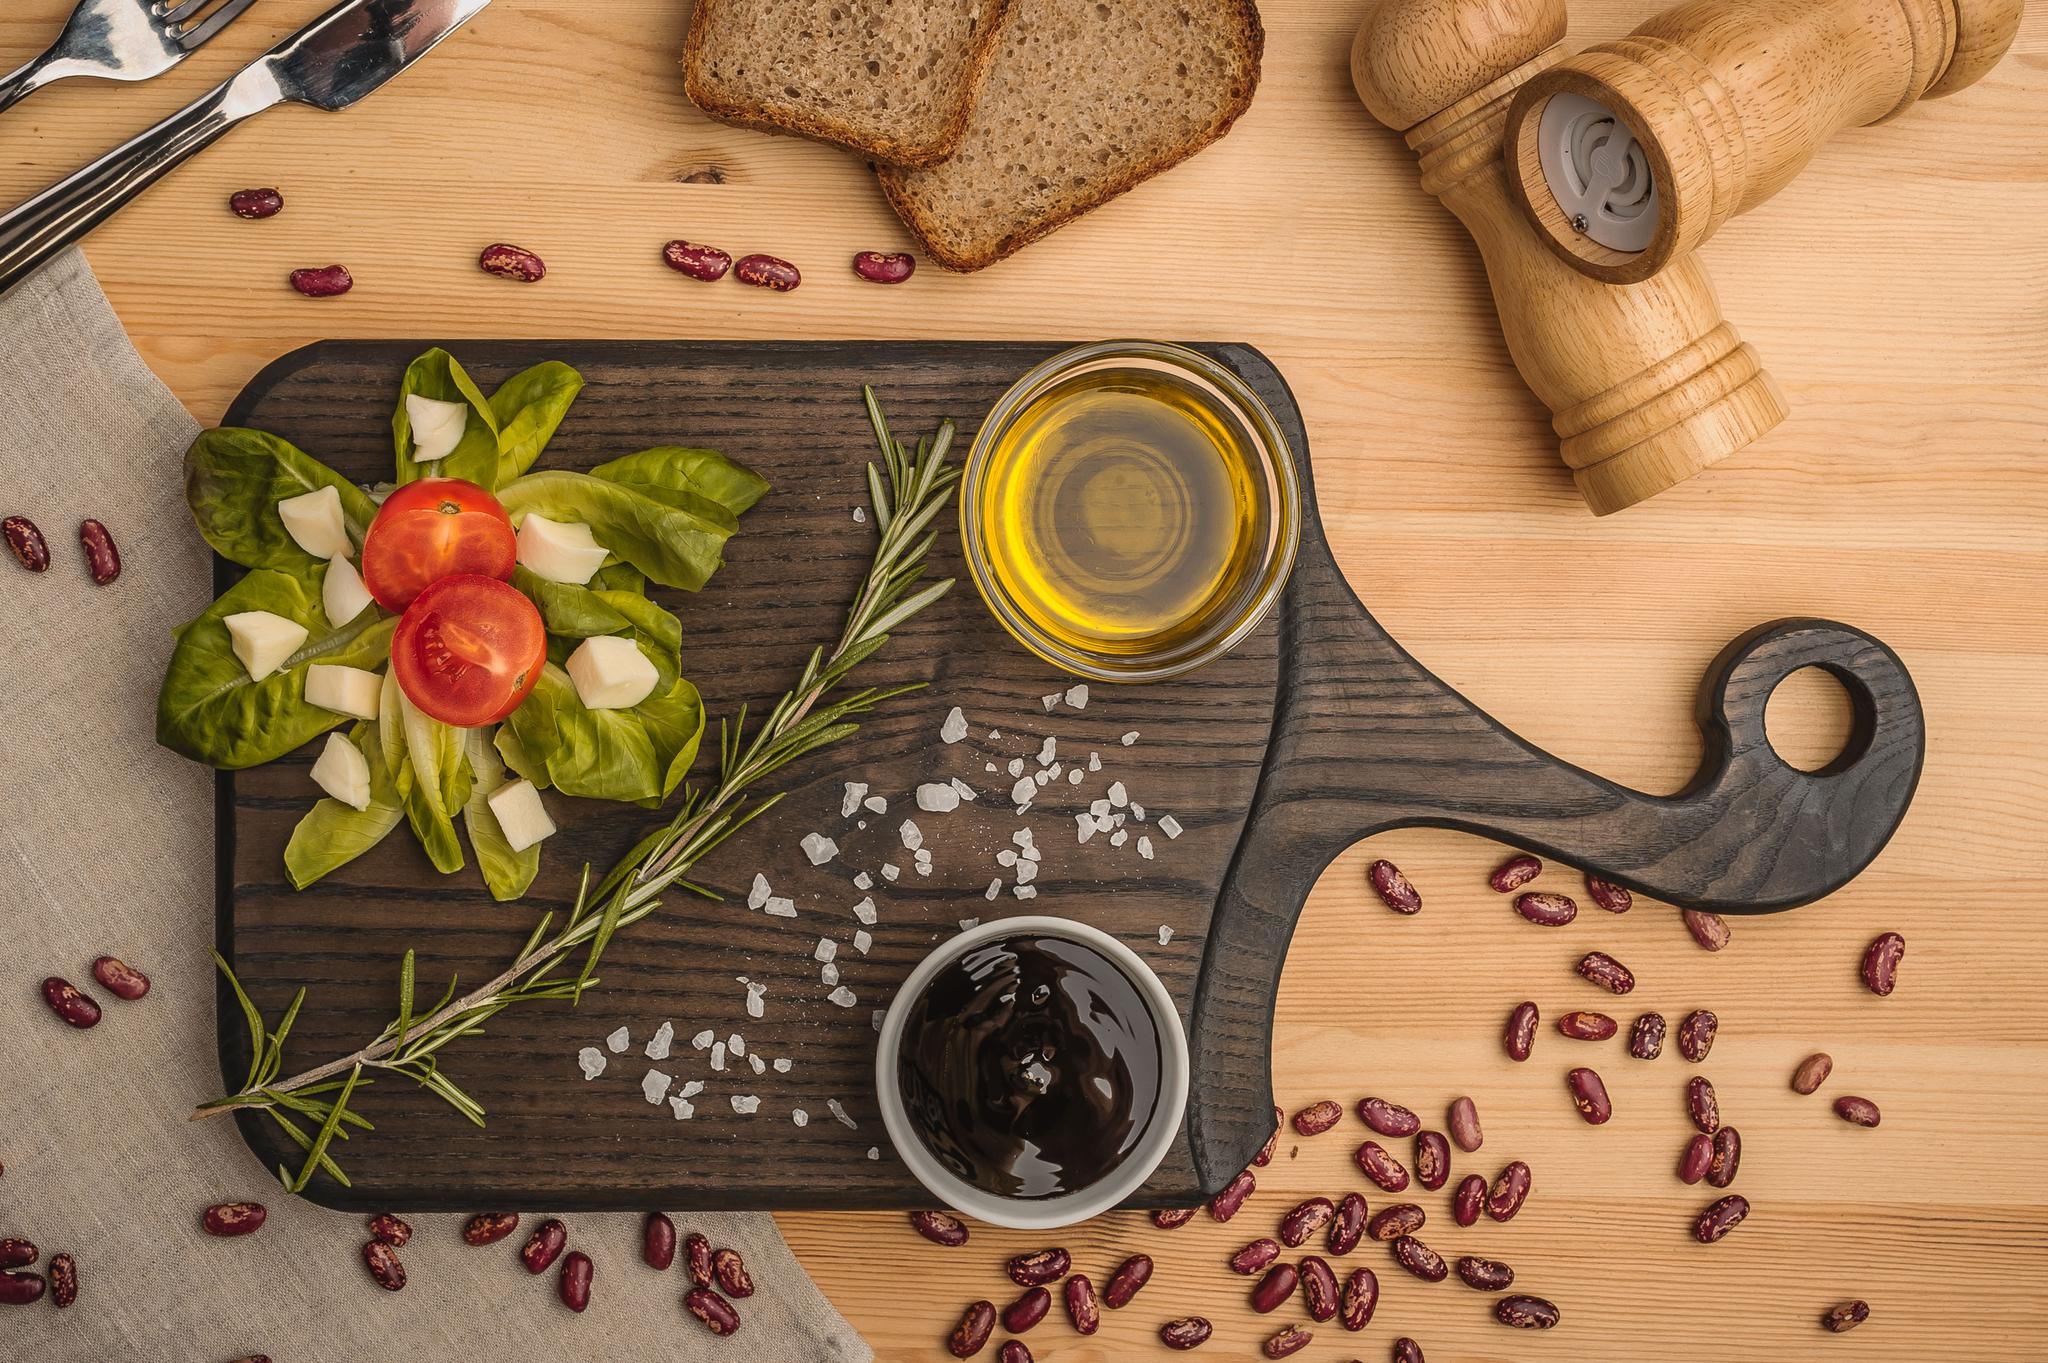 Для, красивые кулинарные картинки